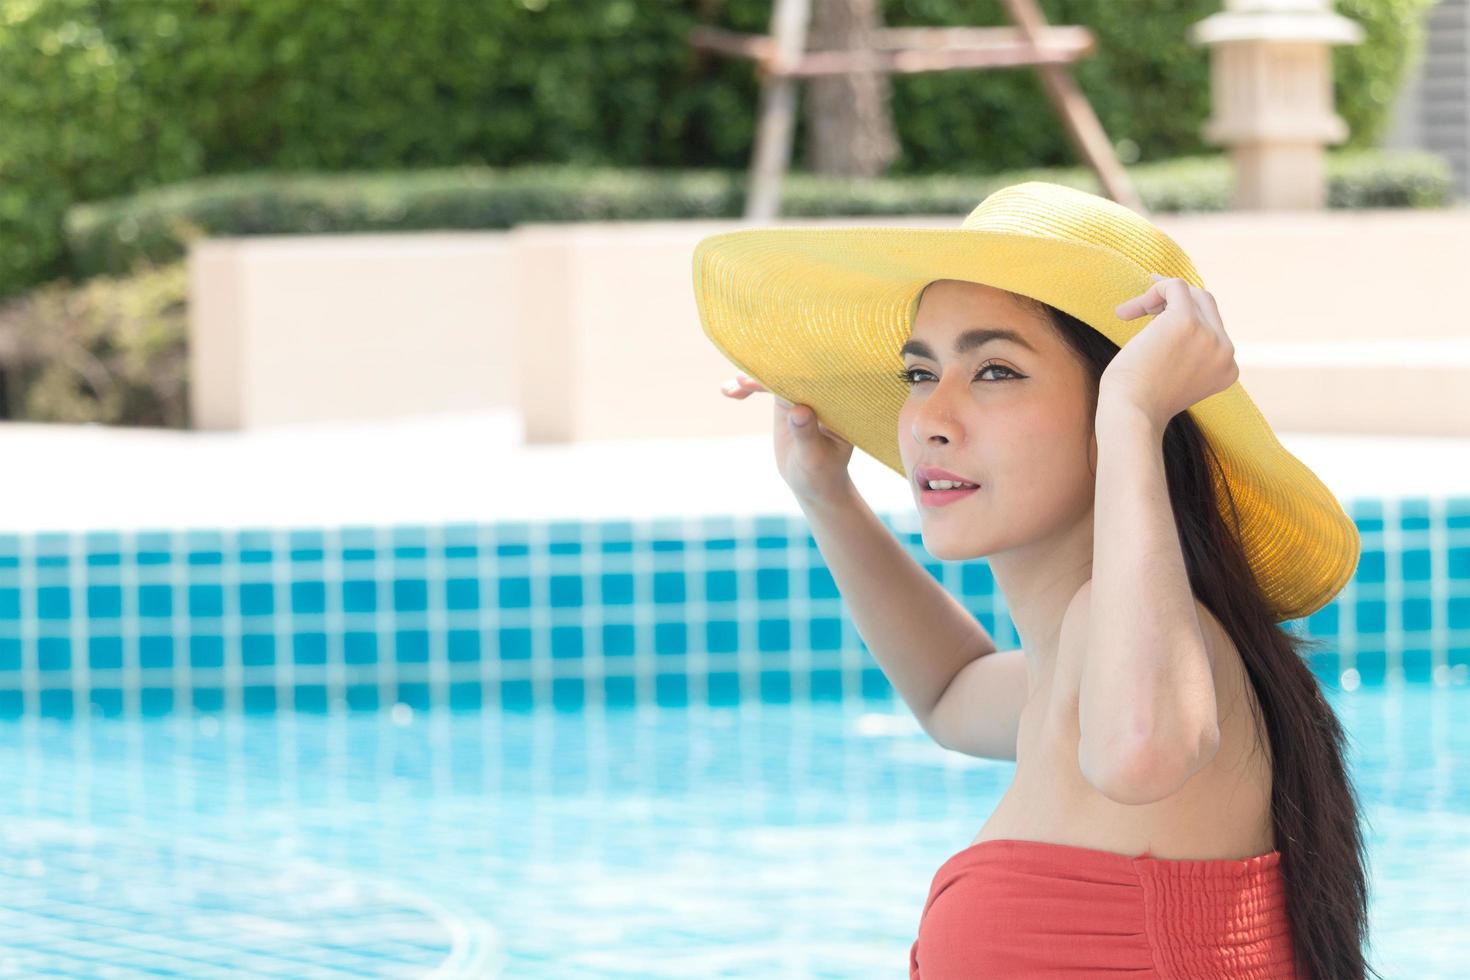 asiatische Frau, die einen gelben Hut im Pool trägt foto